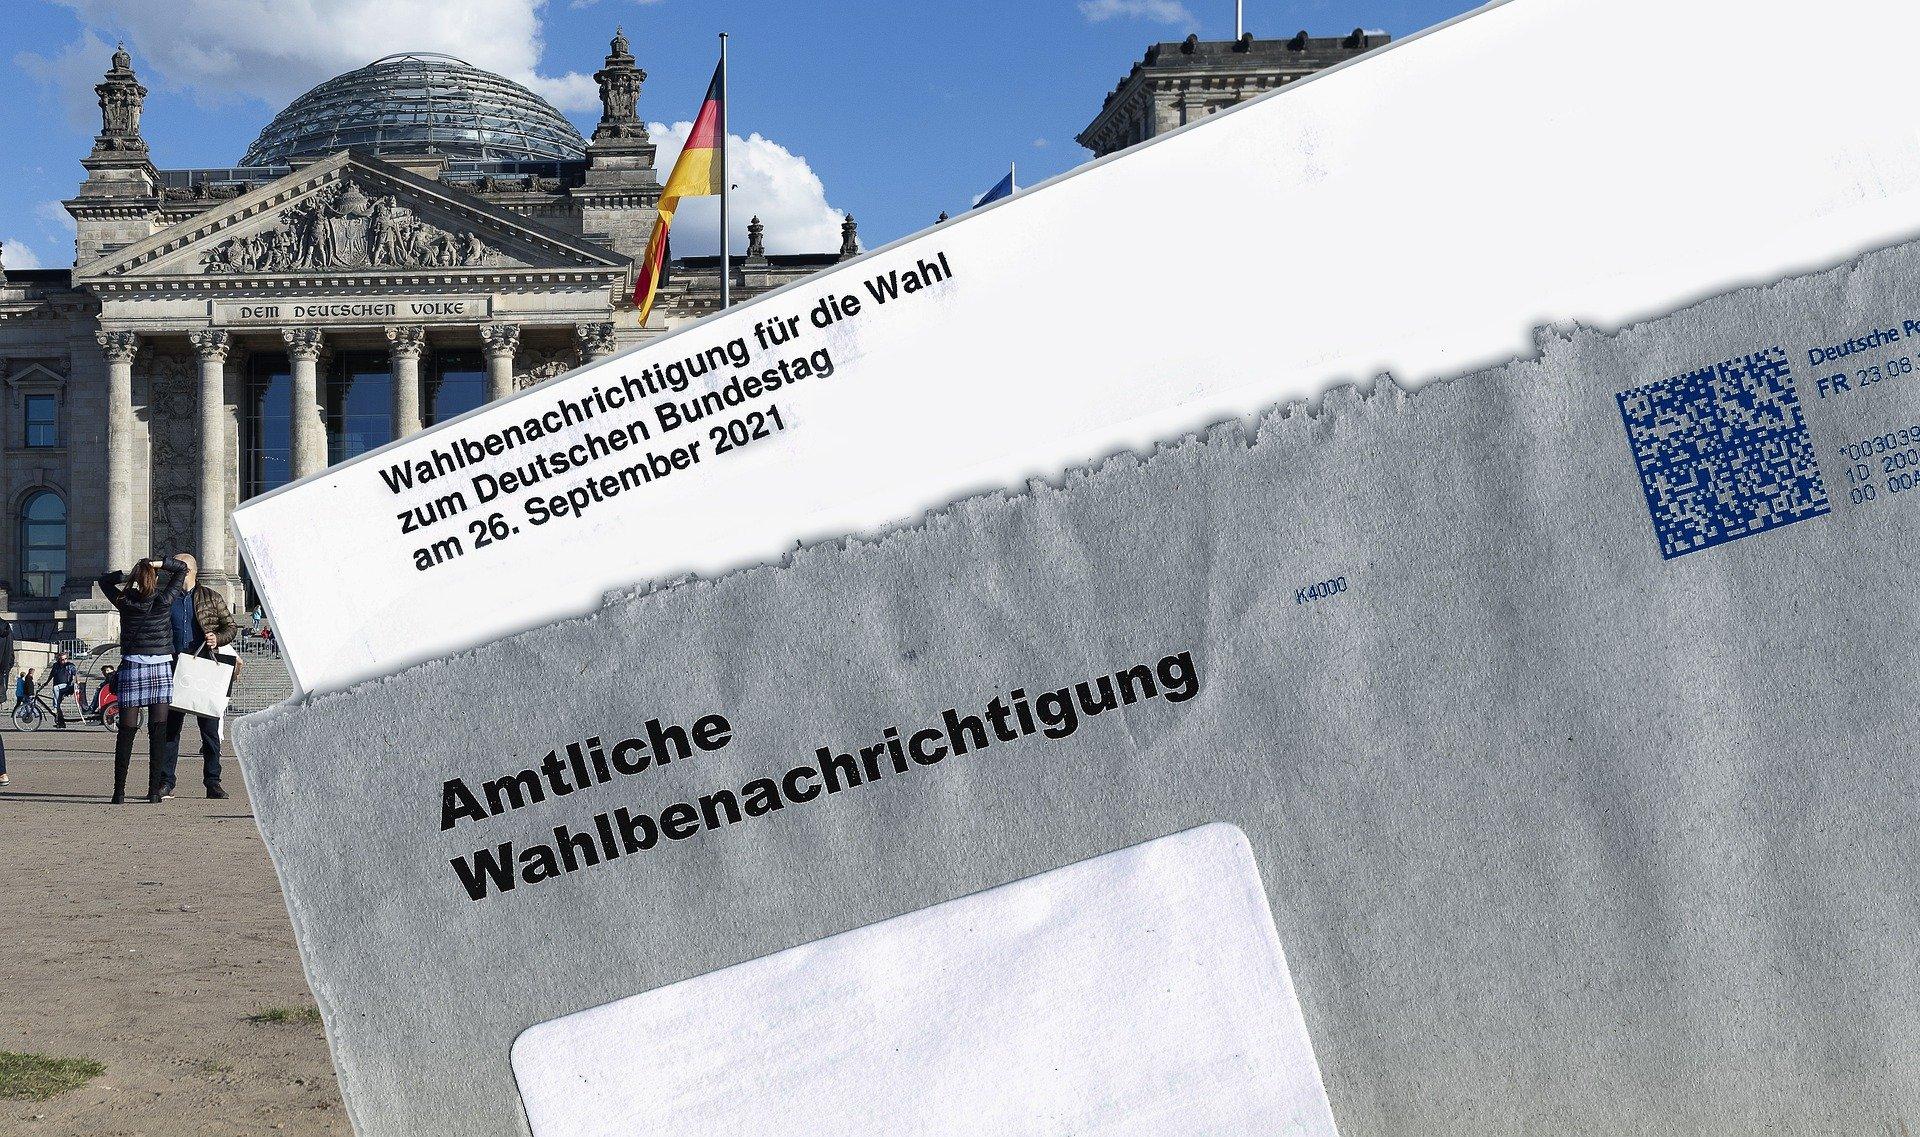 Die Qual zur Bundestagswahl 2021